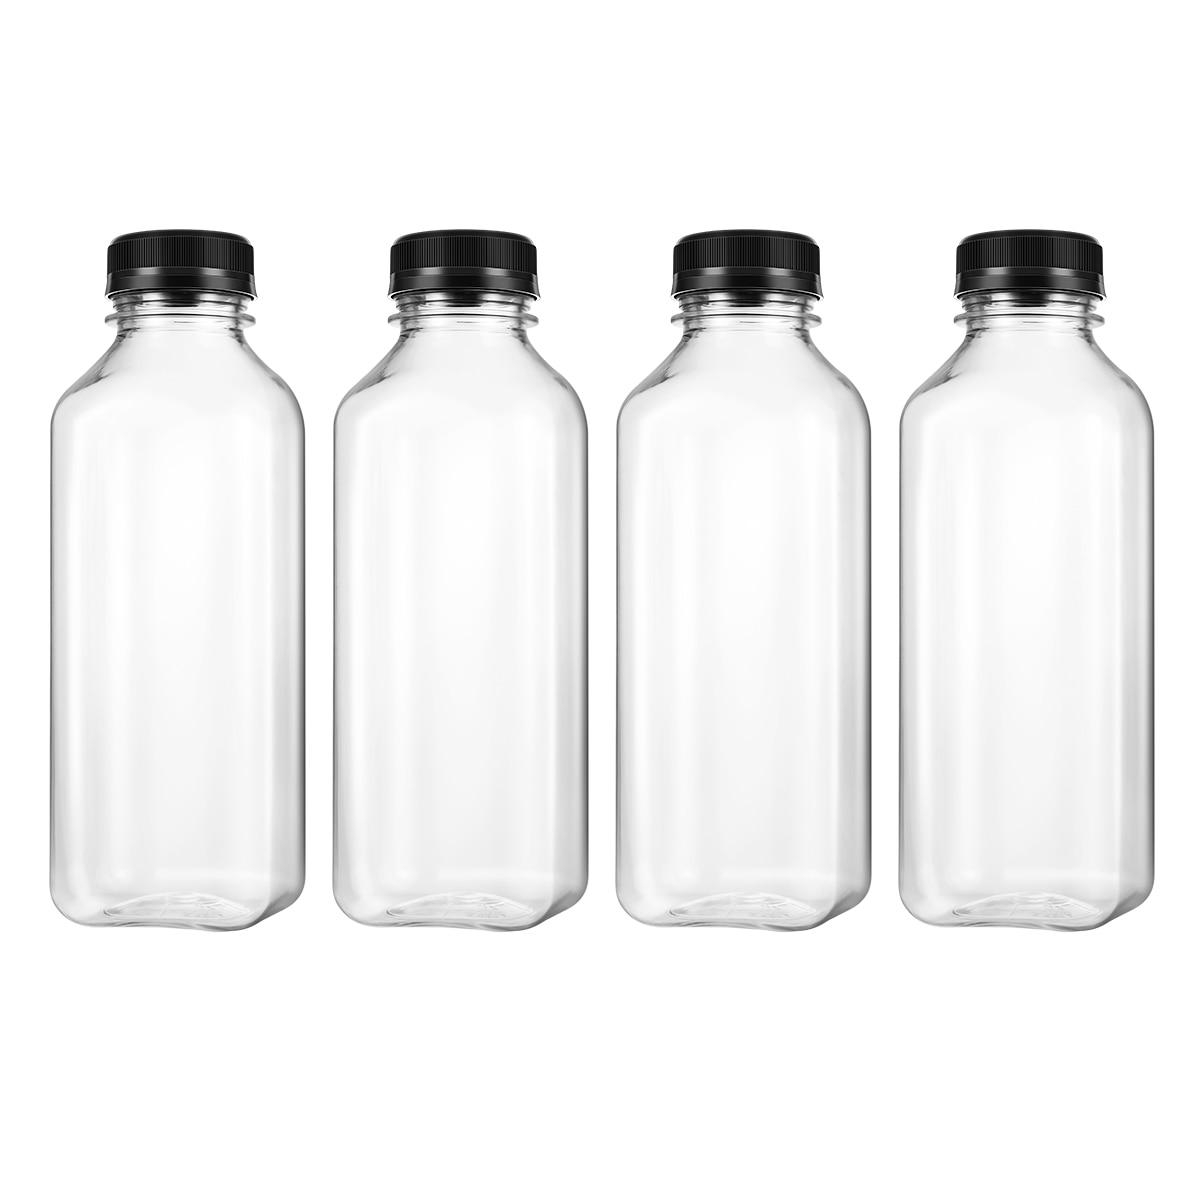 4 adet PET plastik boş saklama kapları şişeleri kapaklar içecek içme şişesi meyve suyu şişesi kavanoz (siyah)